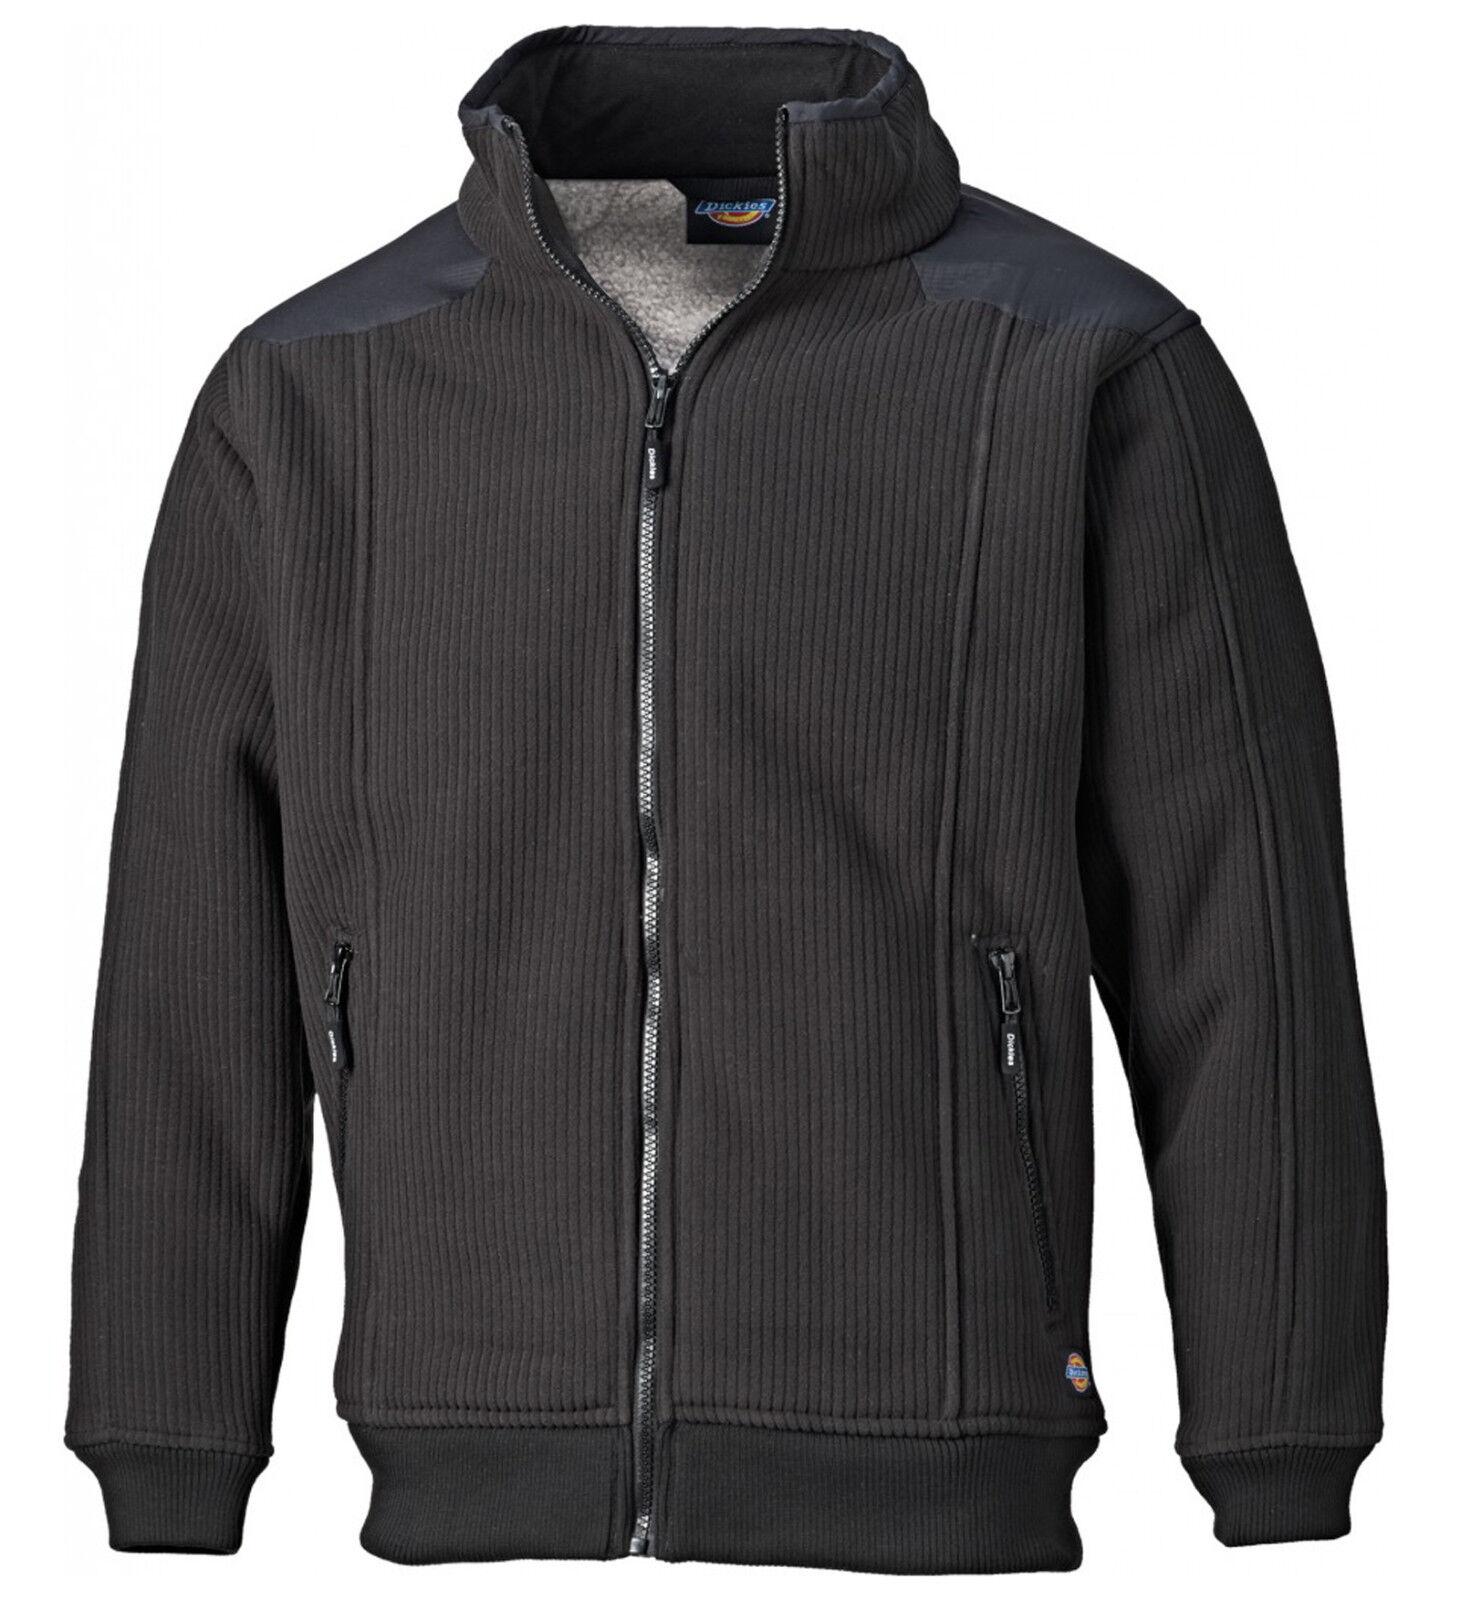 Men's Soft Shell Bonded to Polar Fleece Full Zip Jacket W